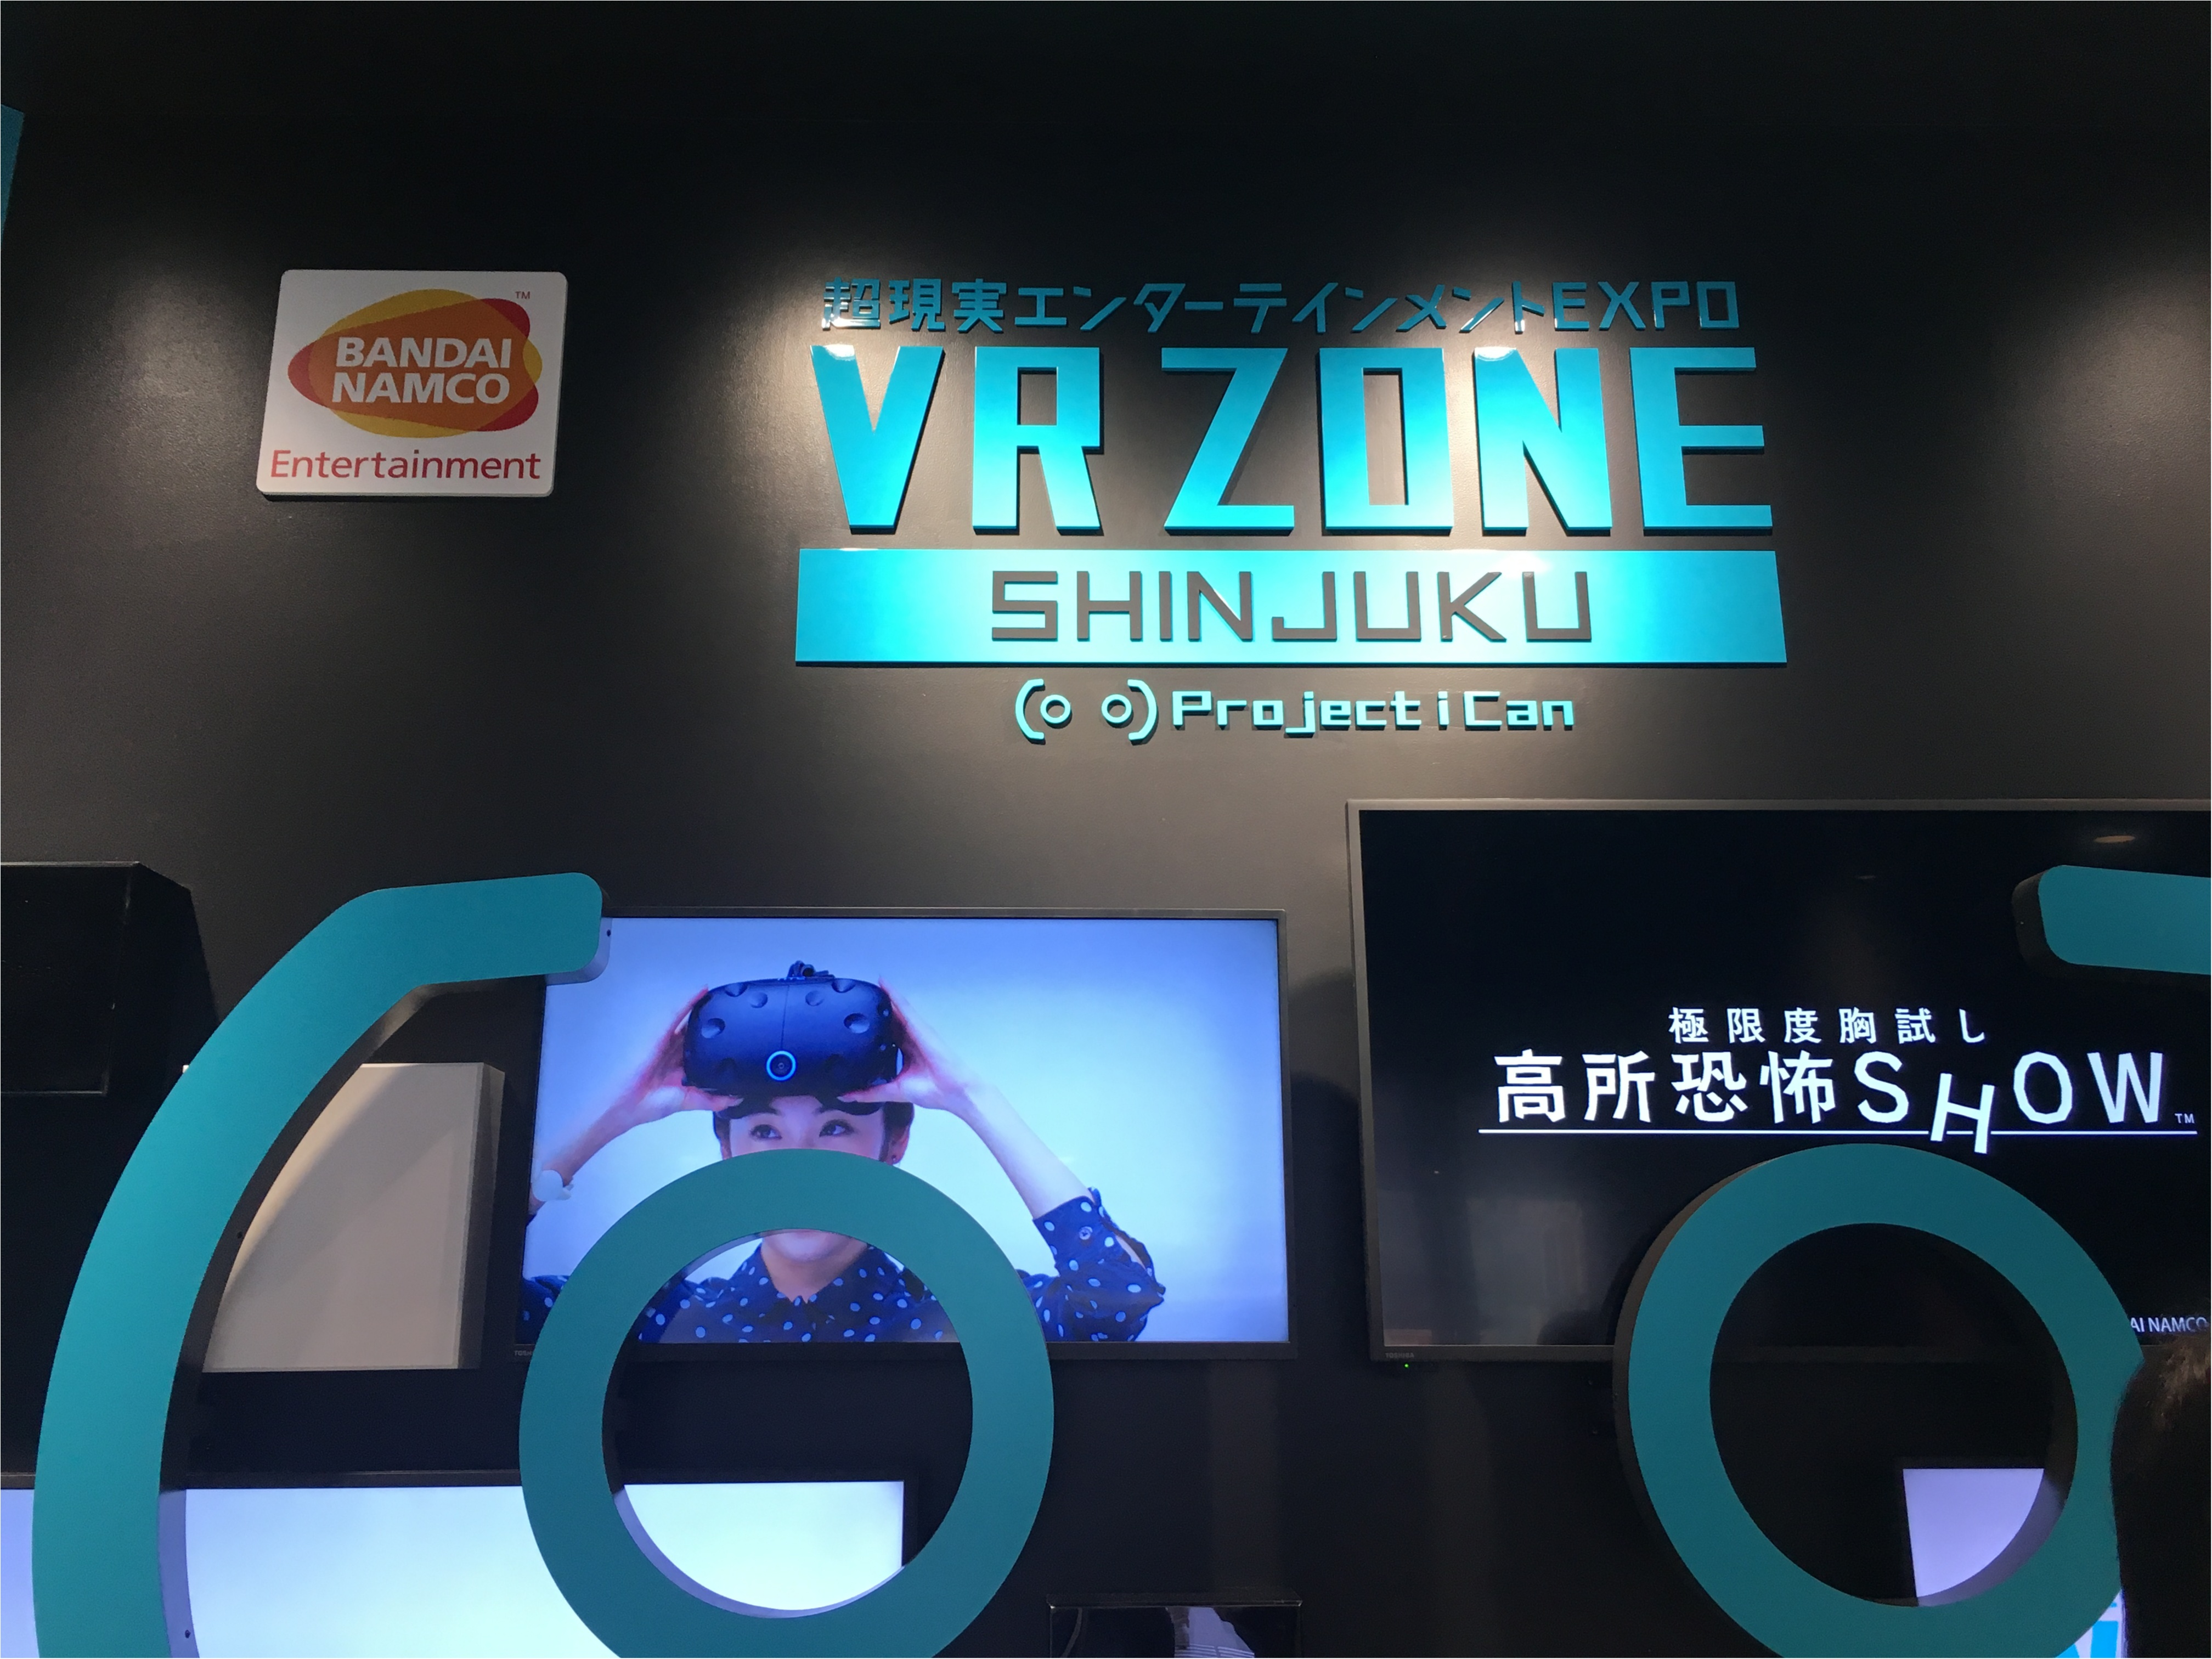 初めてのVR体験!VR ZONE SHINJUKU_1